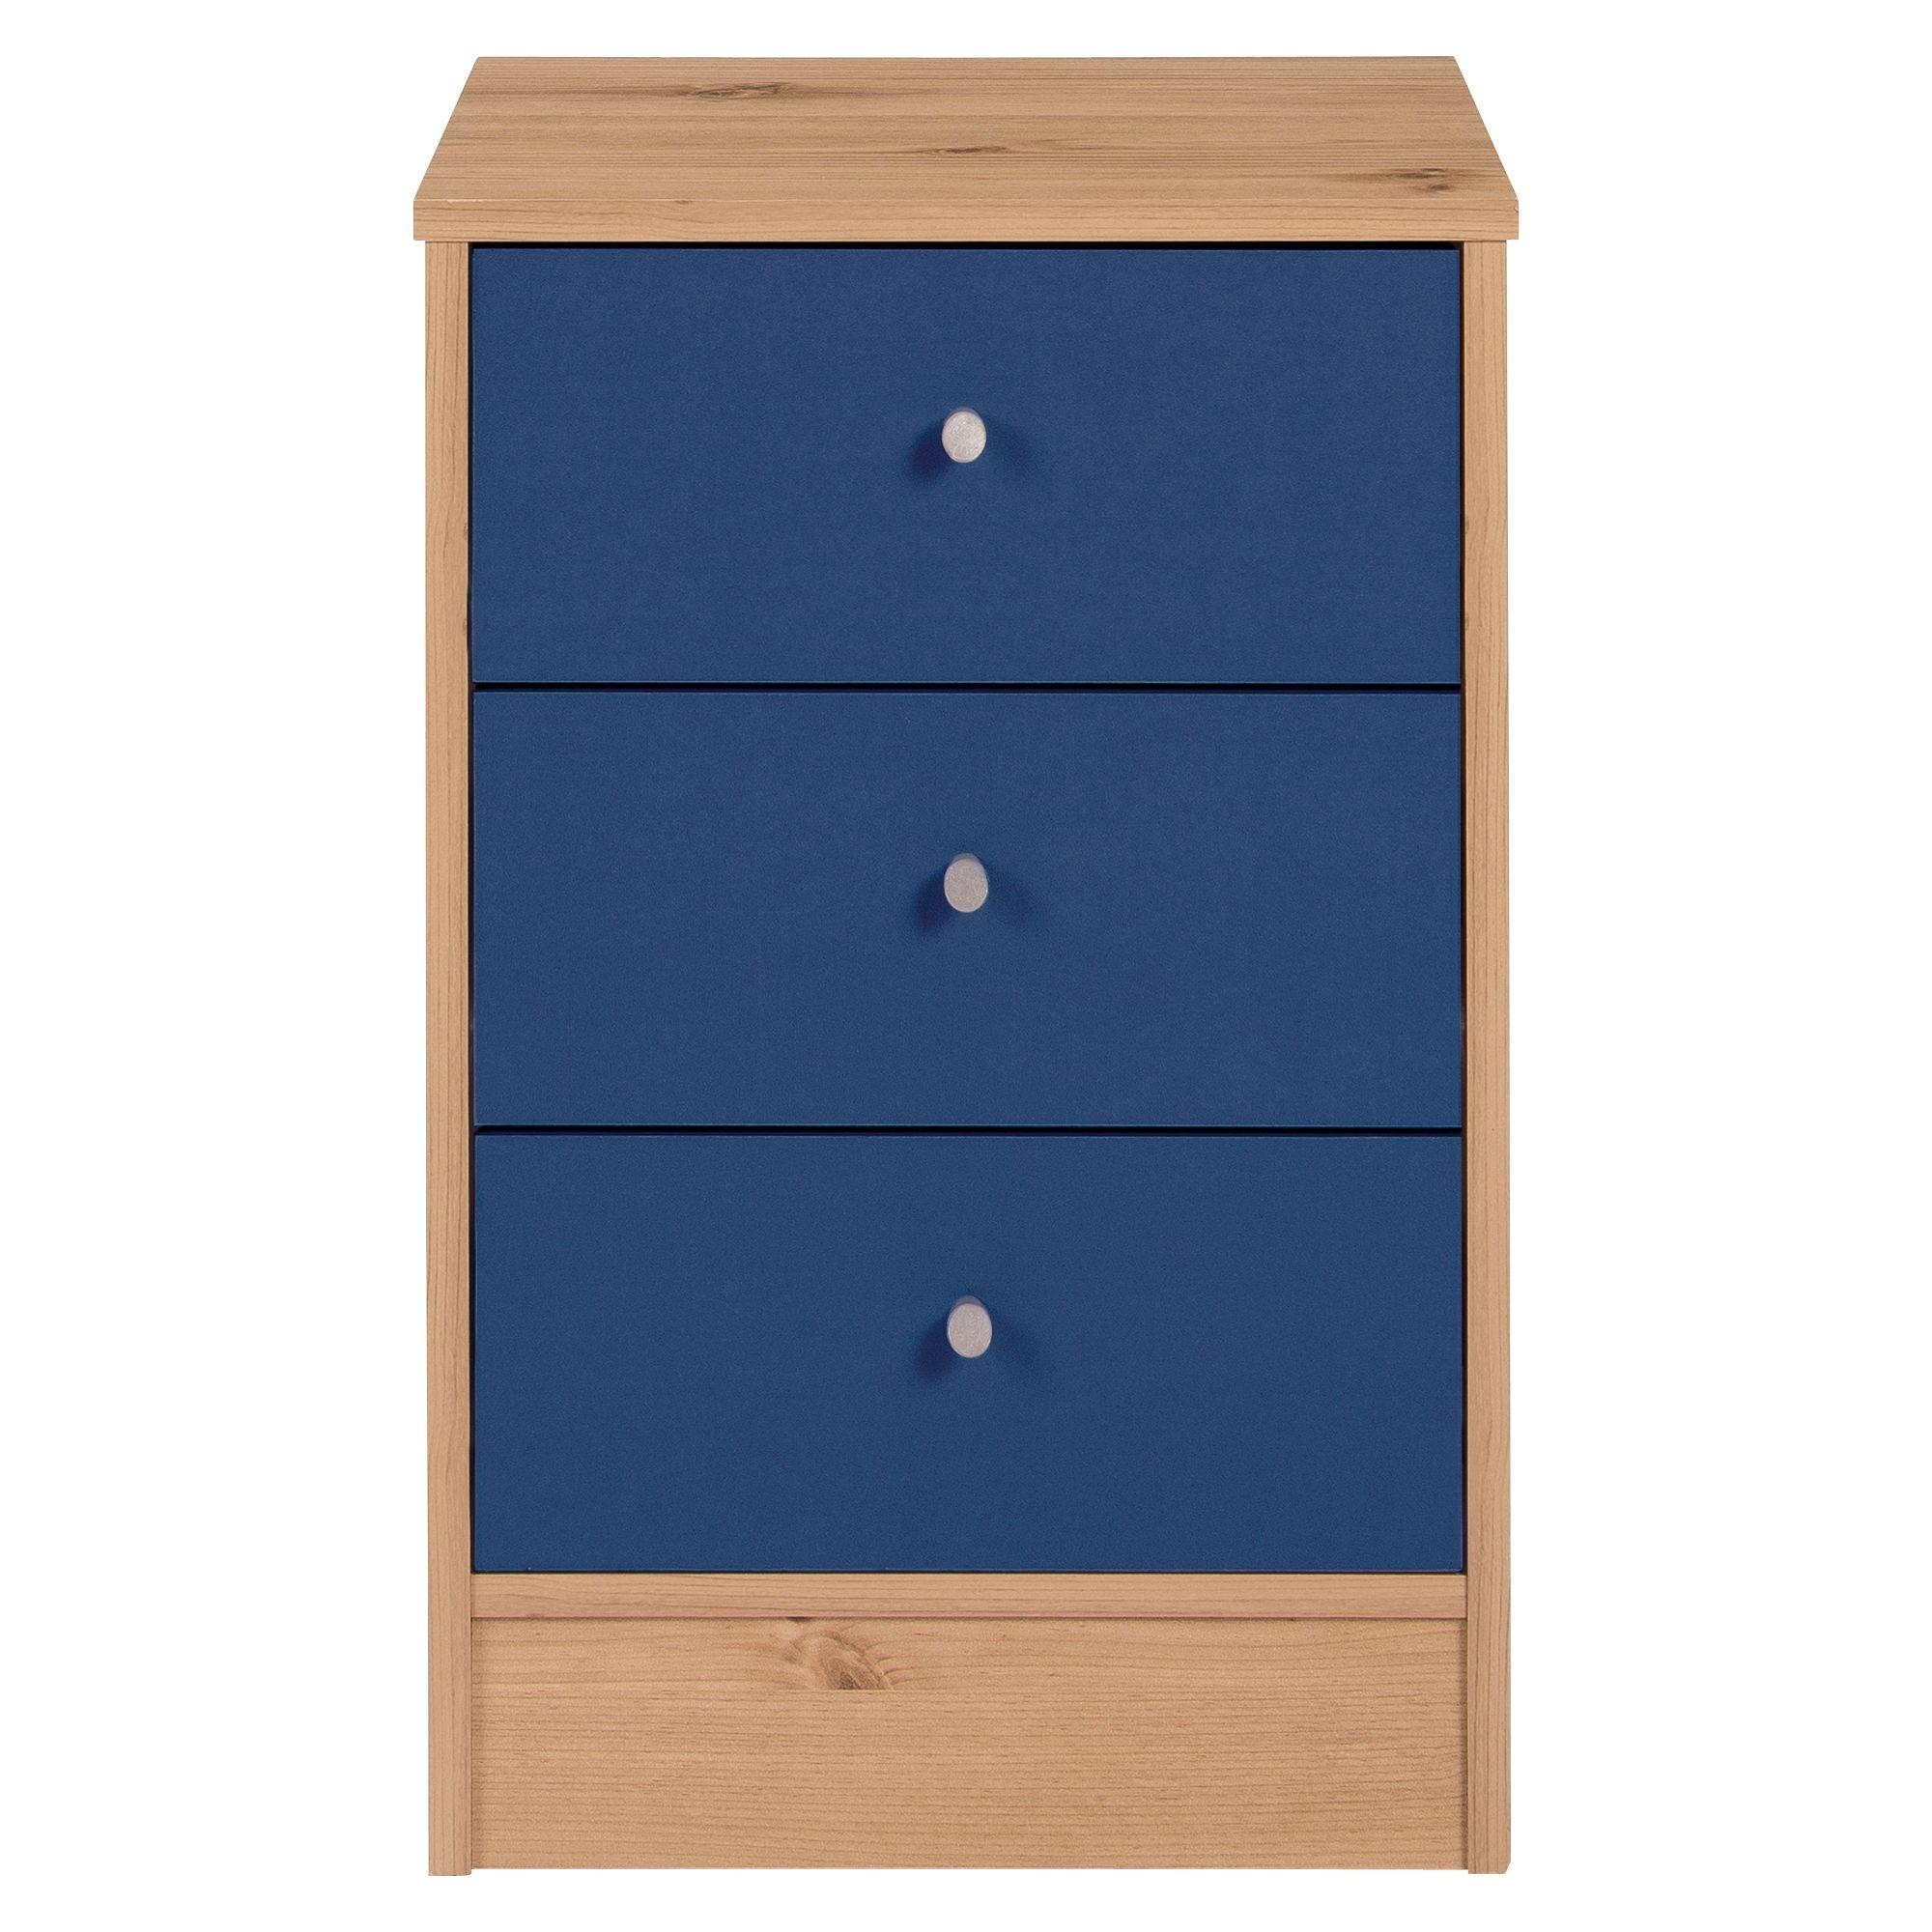 Malibu 3 Schublade Bett Brust Zieht Blau Auf Kiefer Tisch